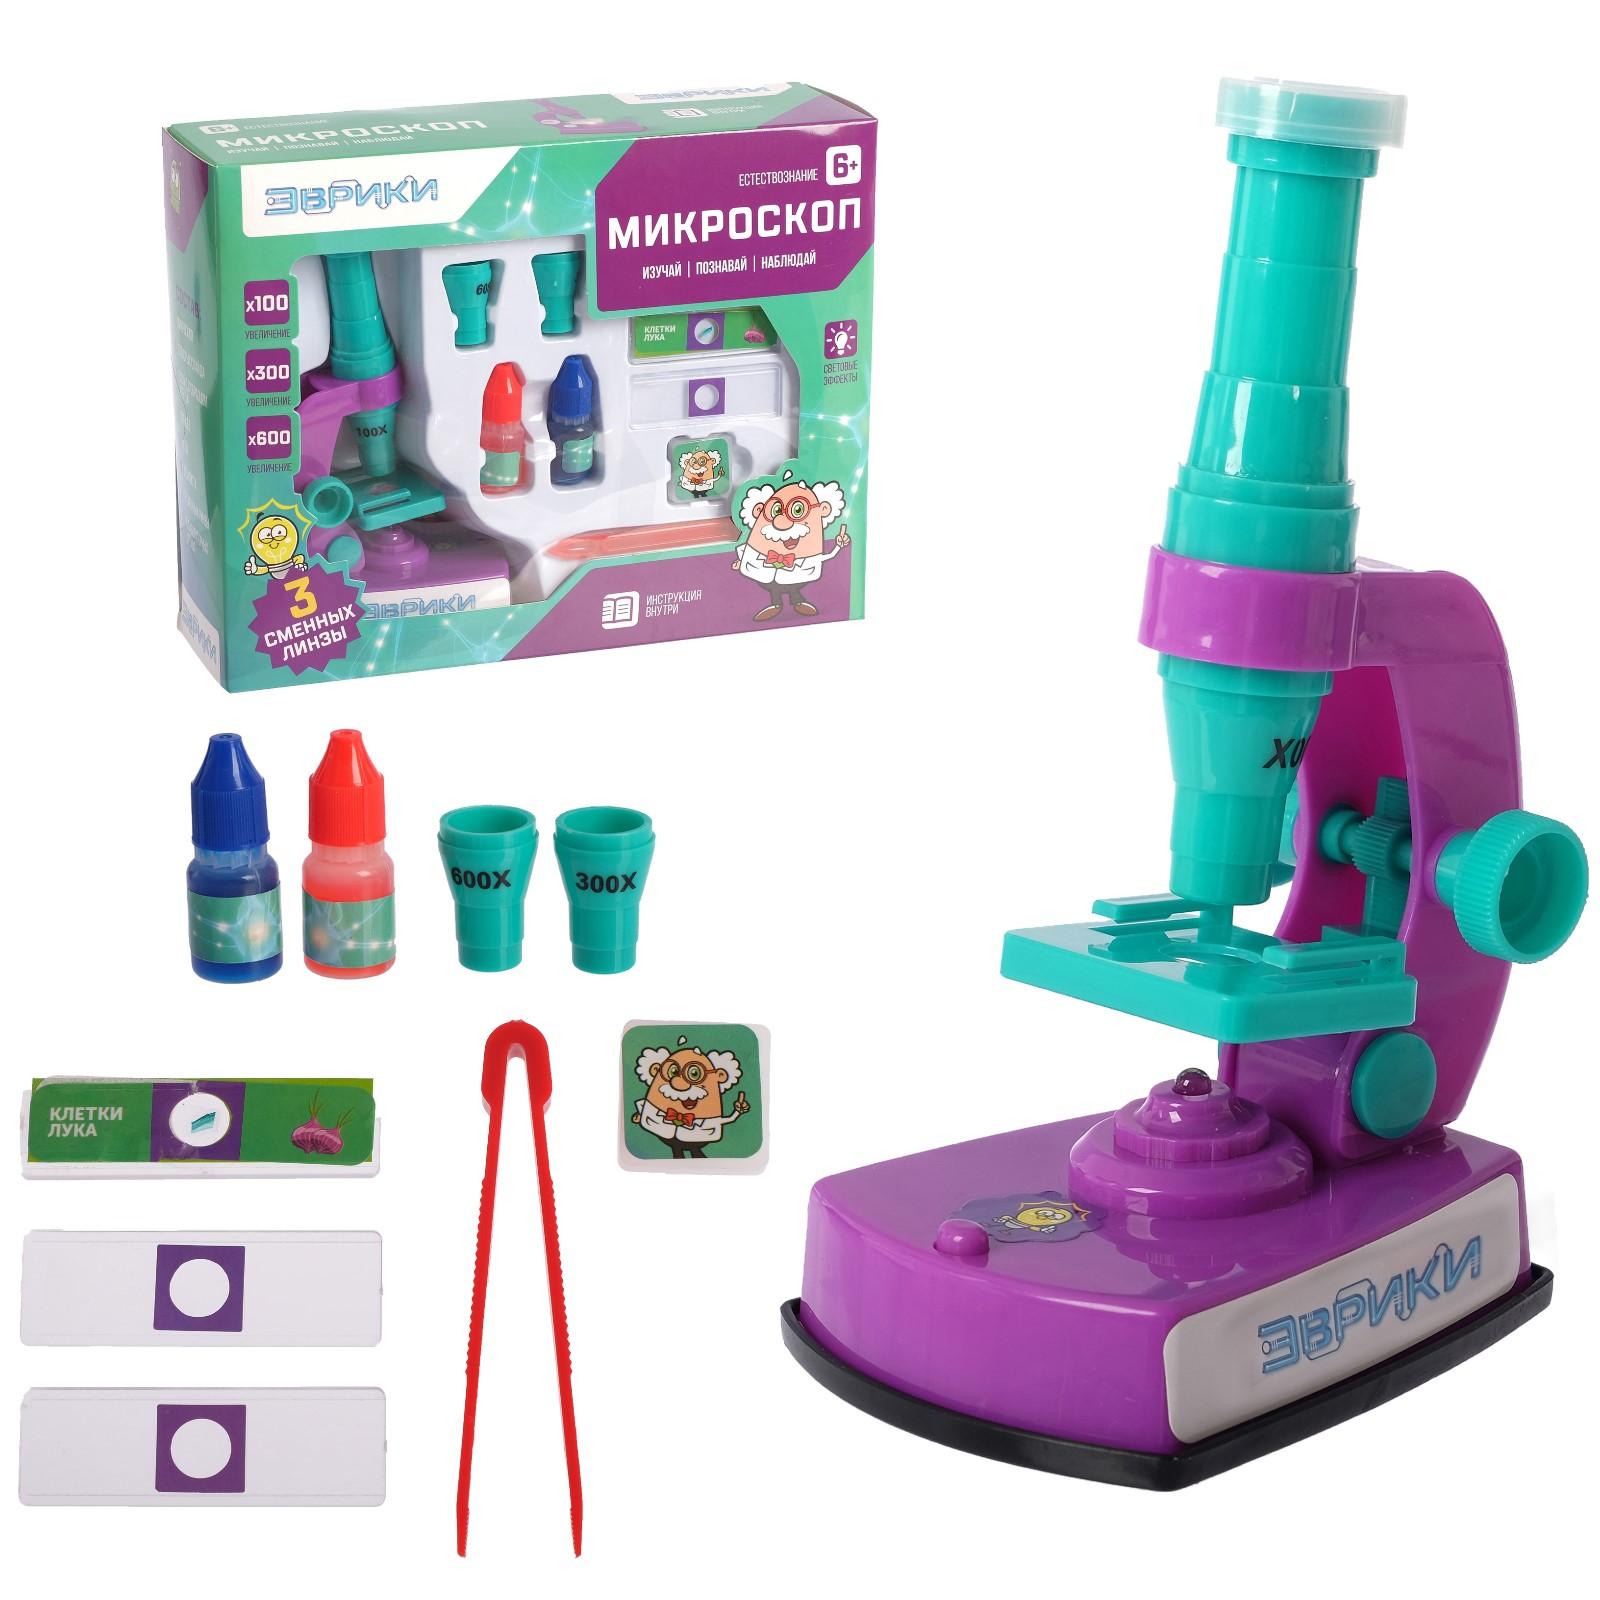 Детский микроскоп «Эврики» со световыми эффектами и сменными линзами